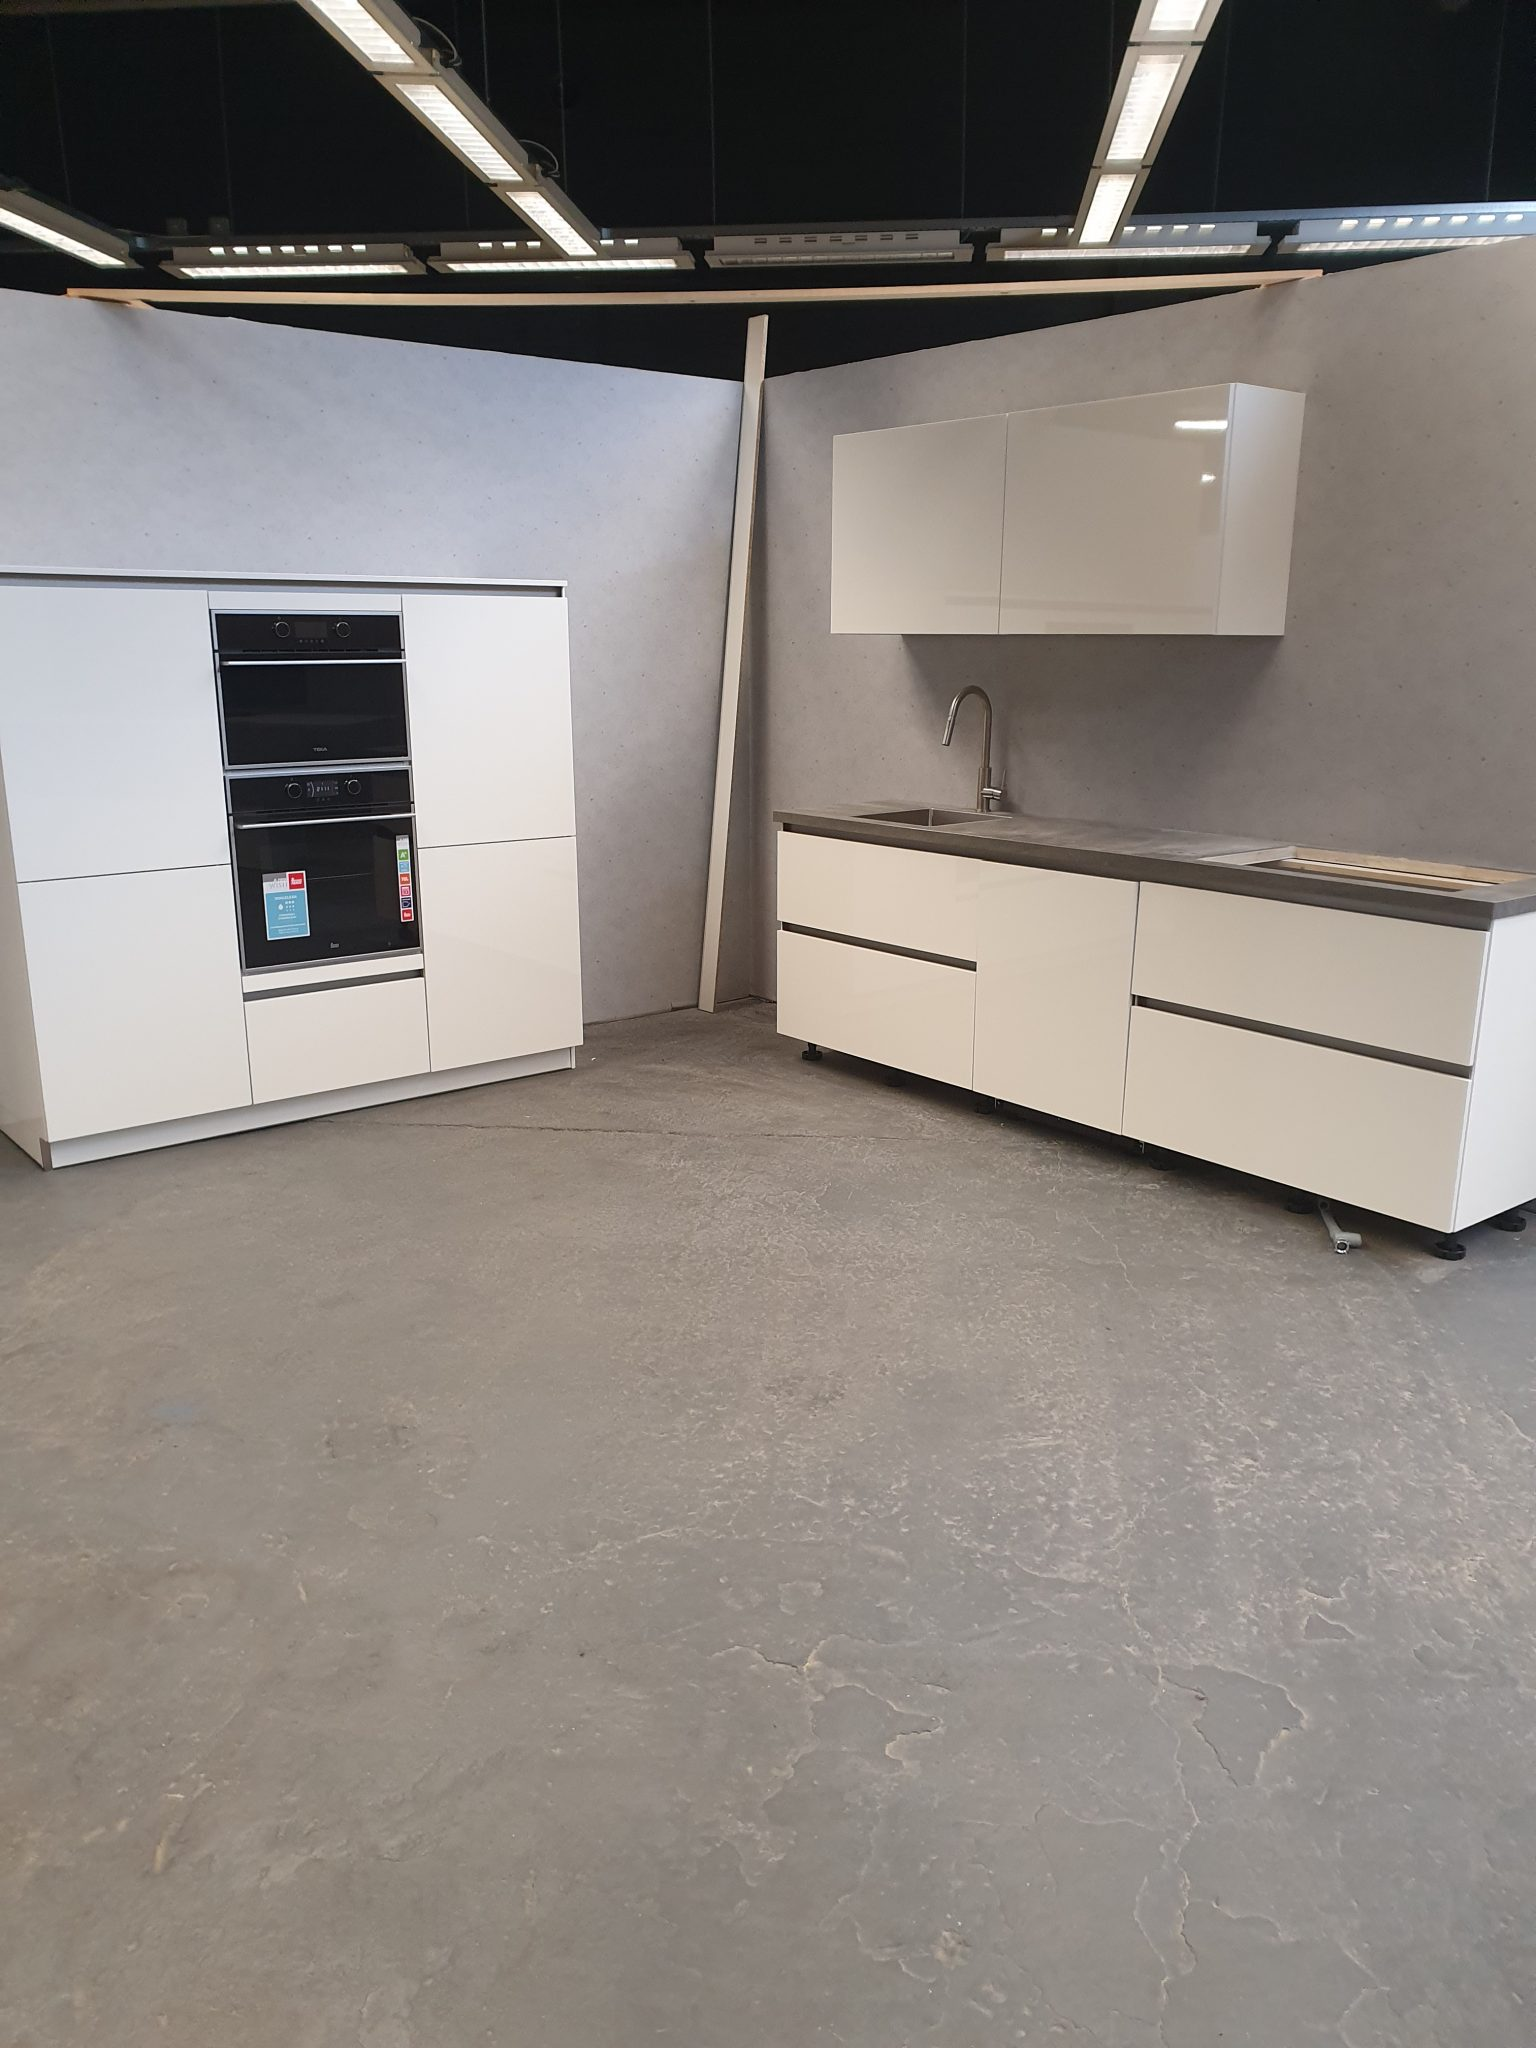 Nieuwe Witte Hoogglans Greeploze Keuken Keramiek Blad Apparatuur Tweedehands Keuken Kwaliteit